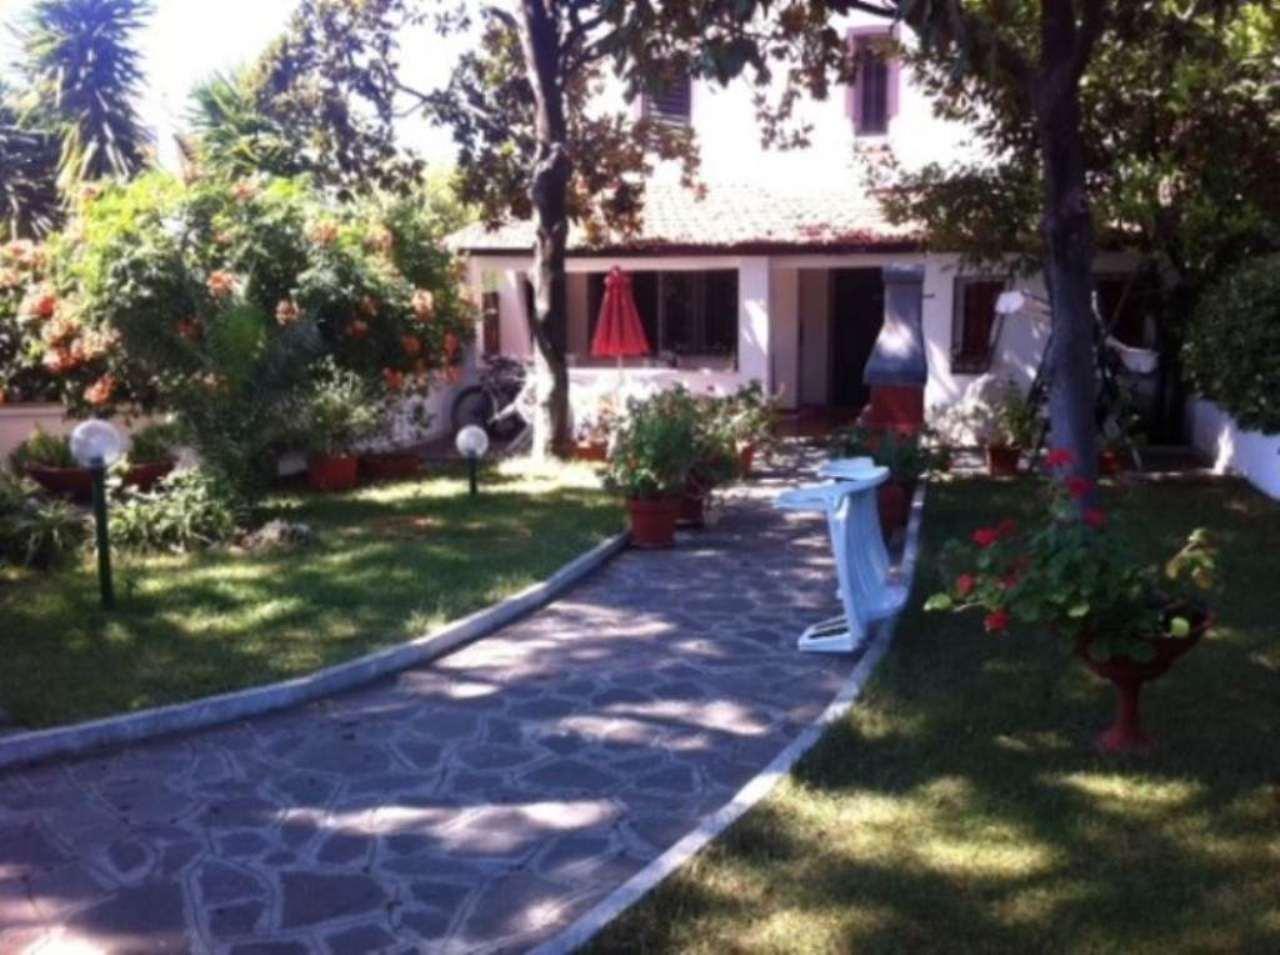 Villa in vendita a Cerveteri, 5 locali, prezzo € 250.000 | CambioCasa.it